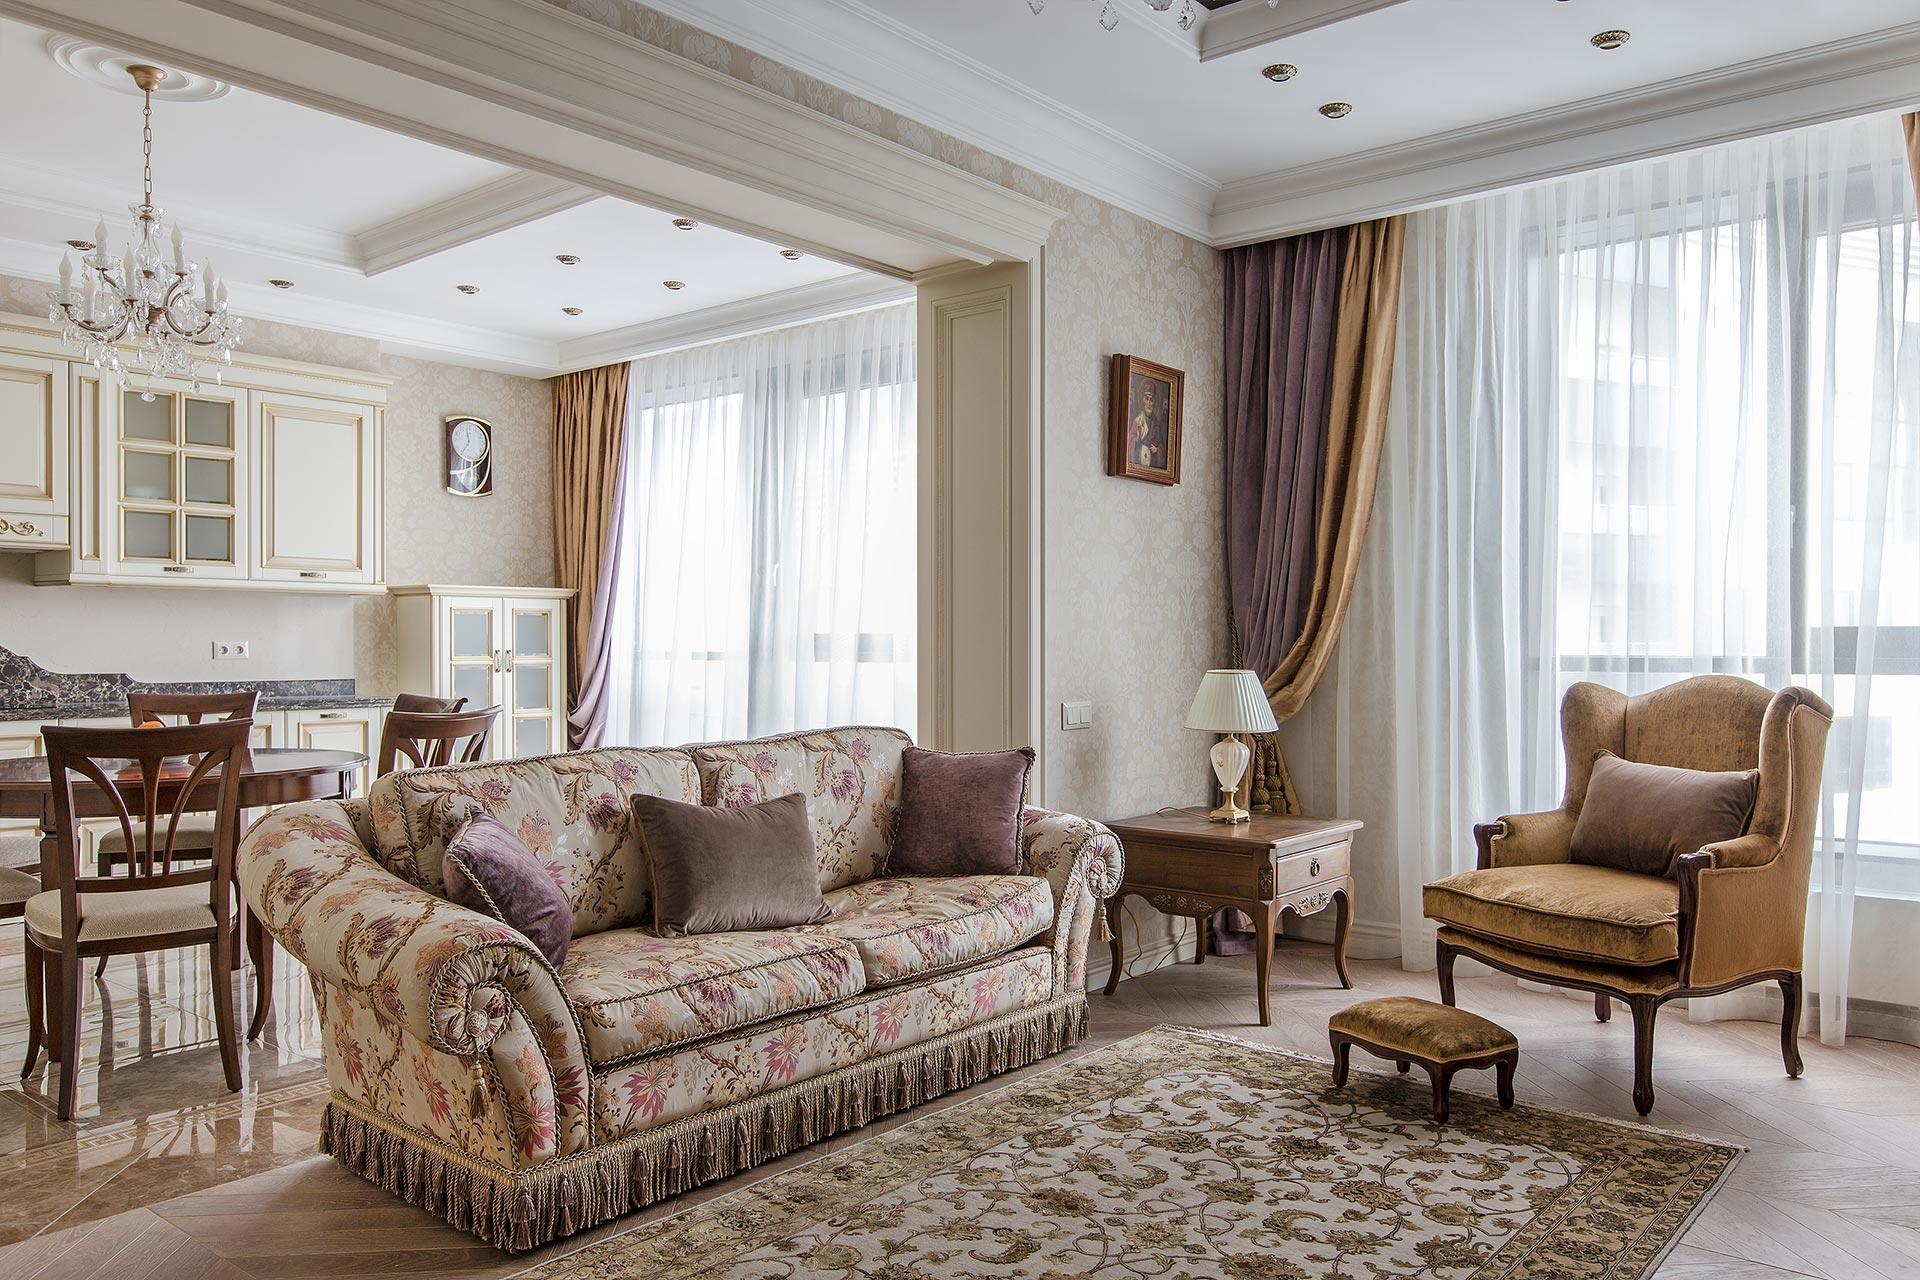 Ремонт квартир в классическом стиле